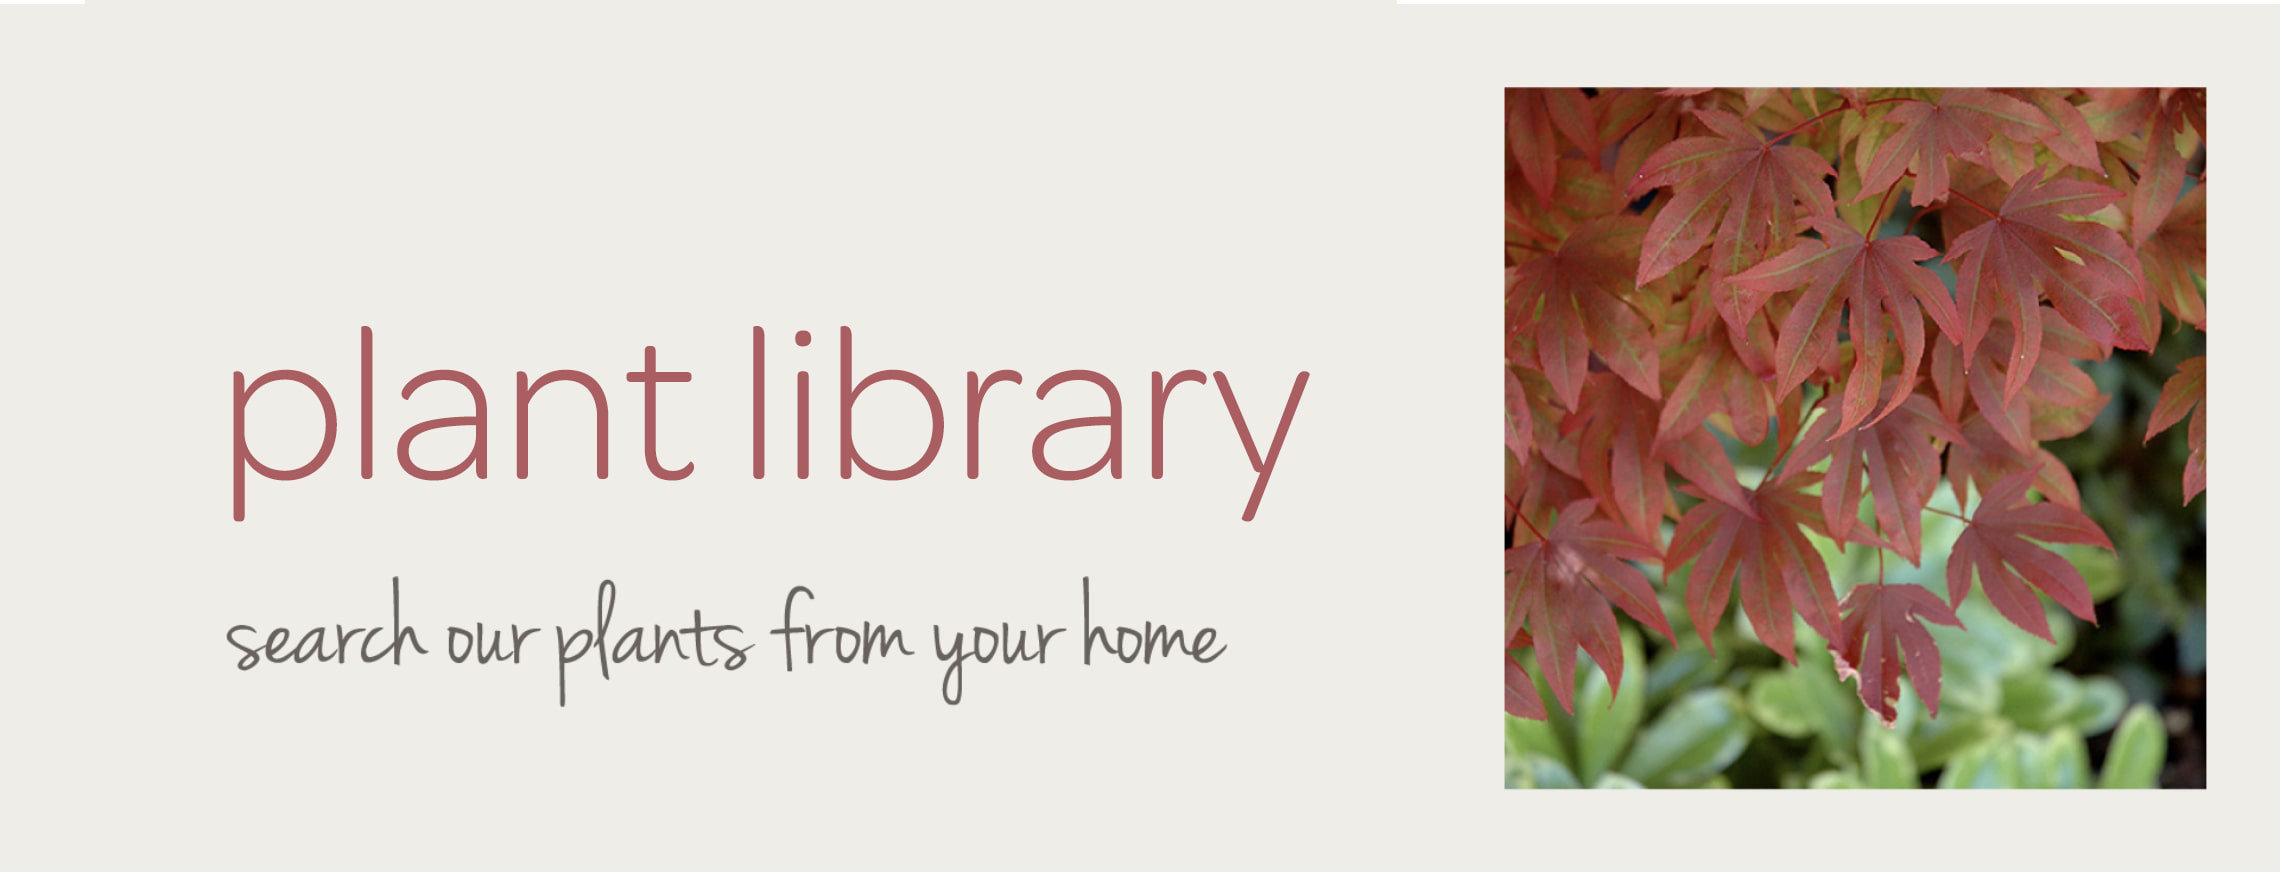 Frisella Nursery plant library tool